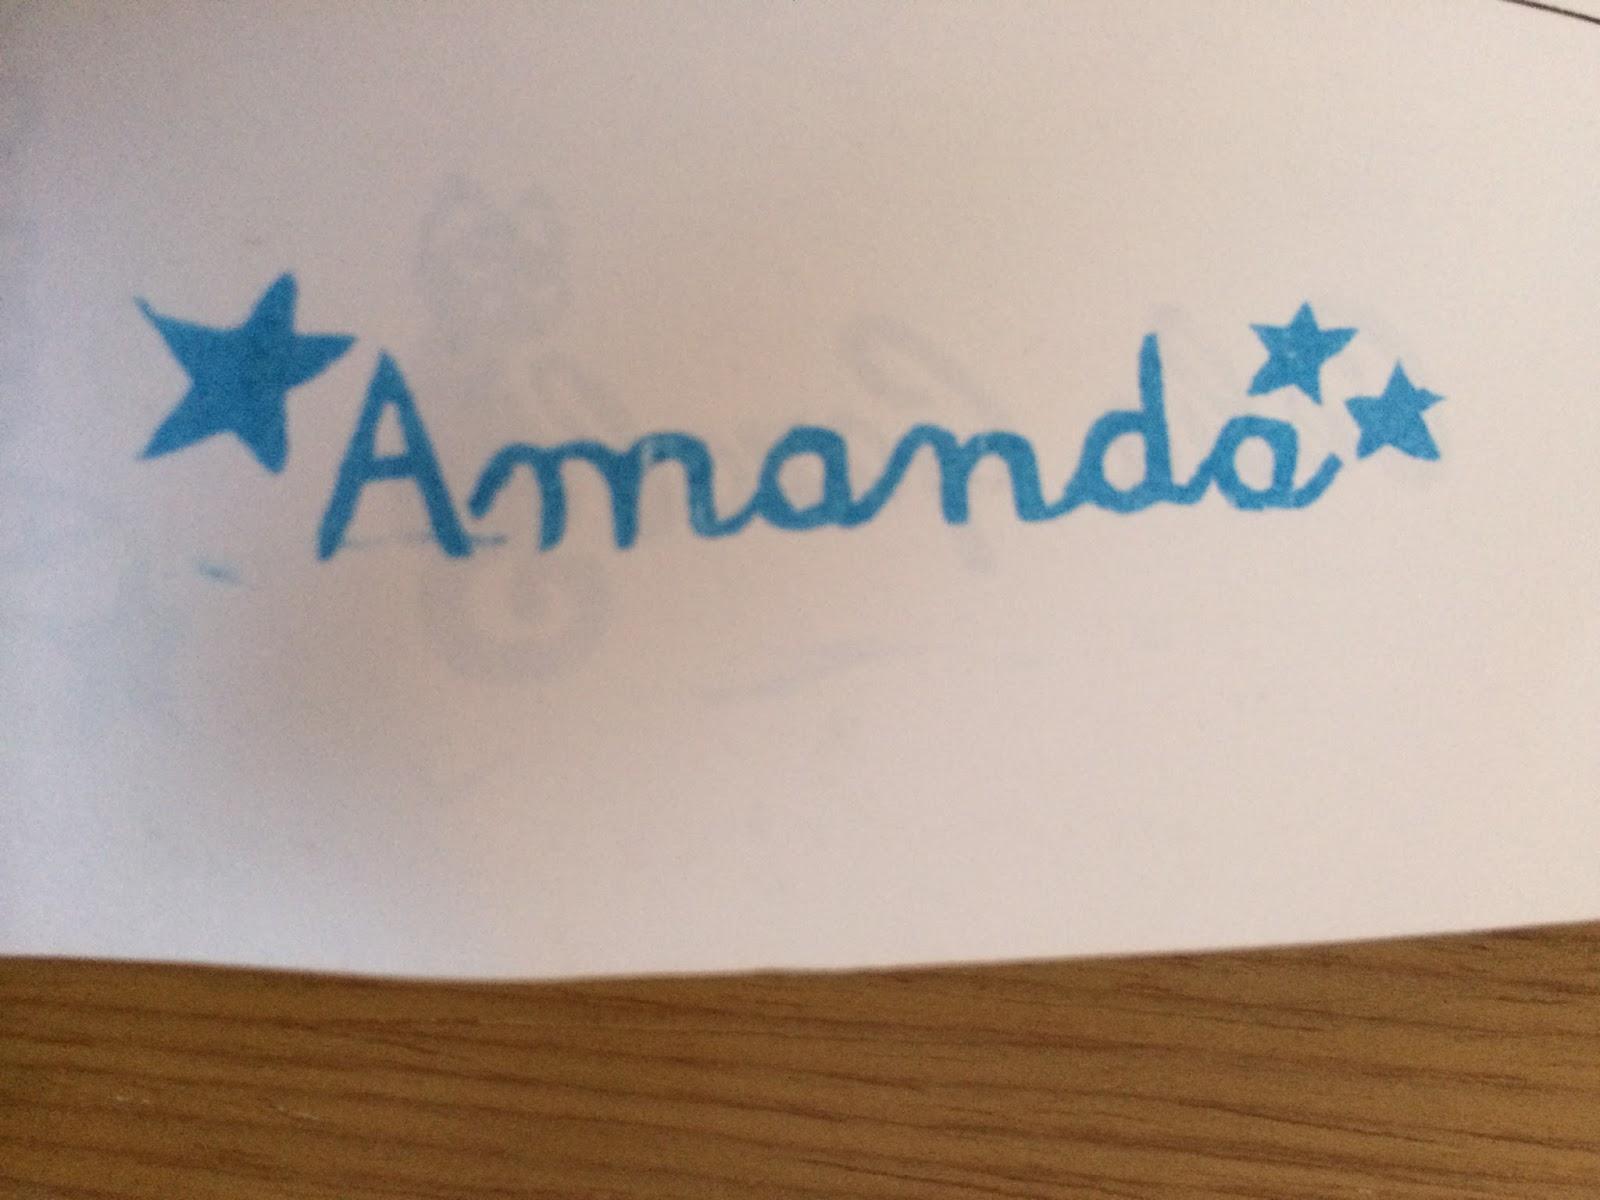 Sellos de goma hecho a mano de Amanda con estrellas